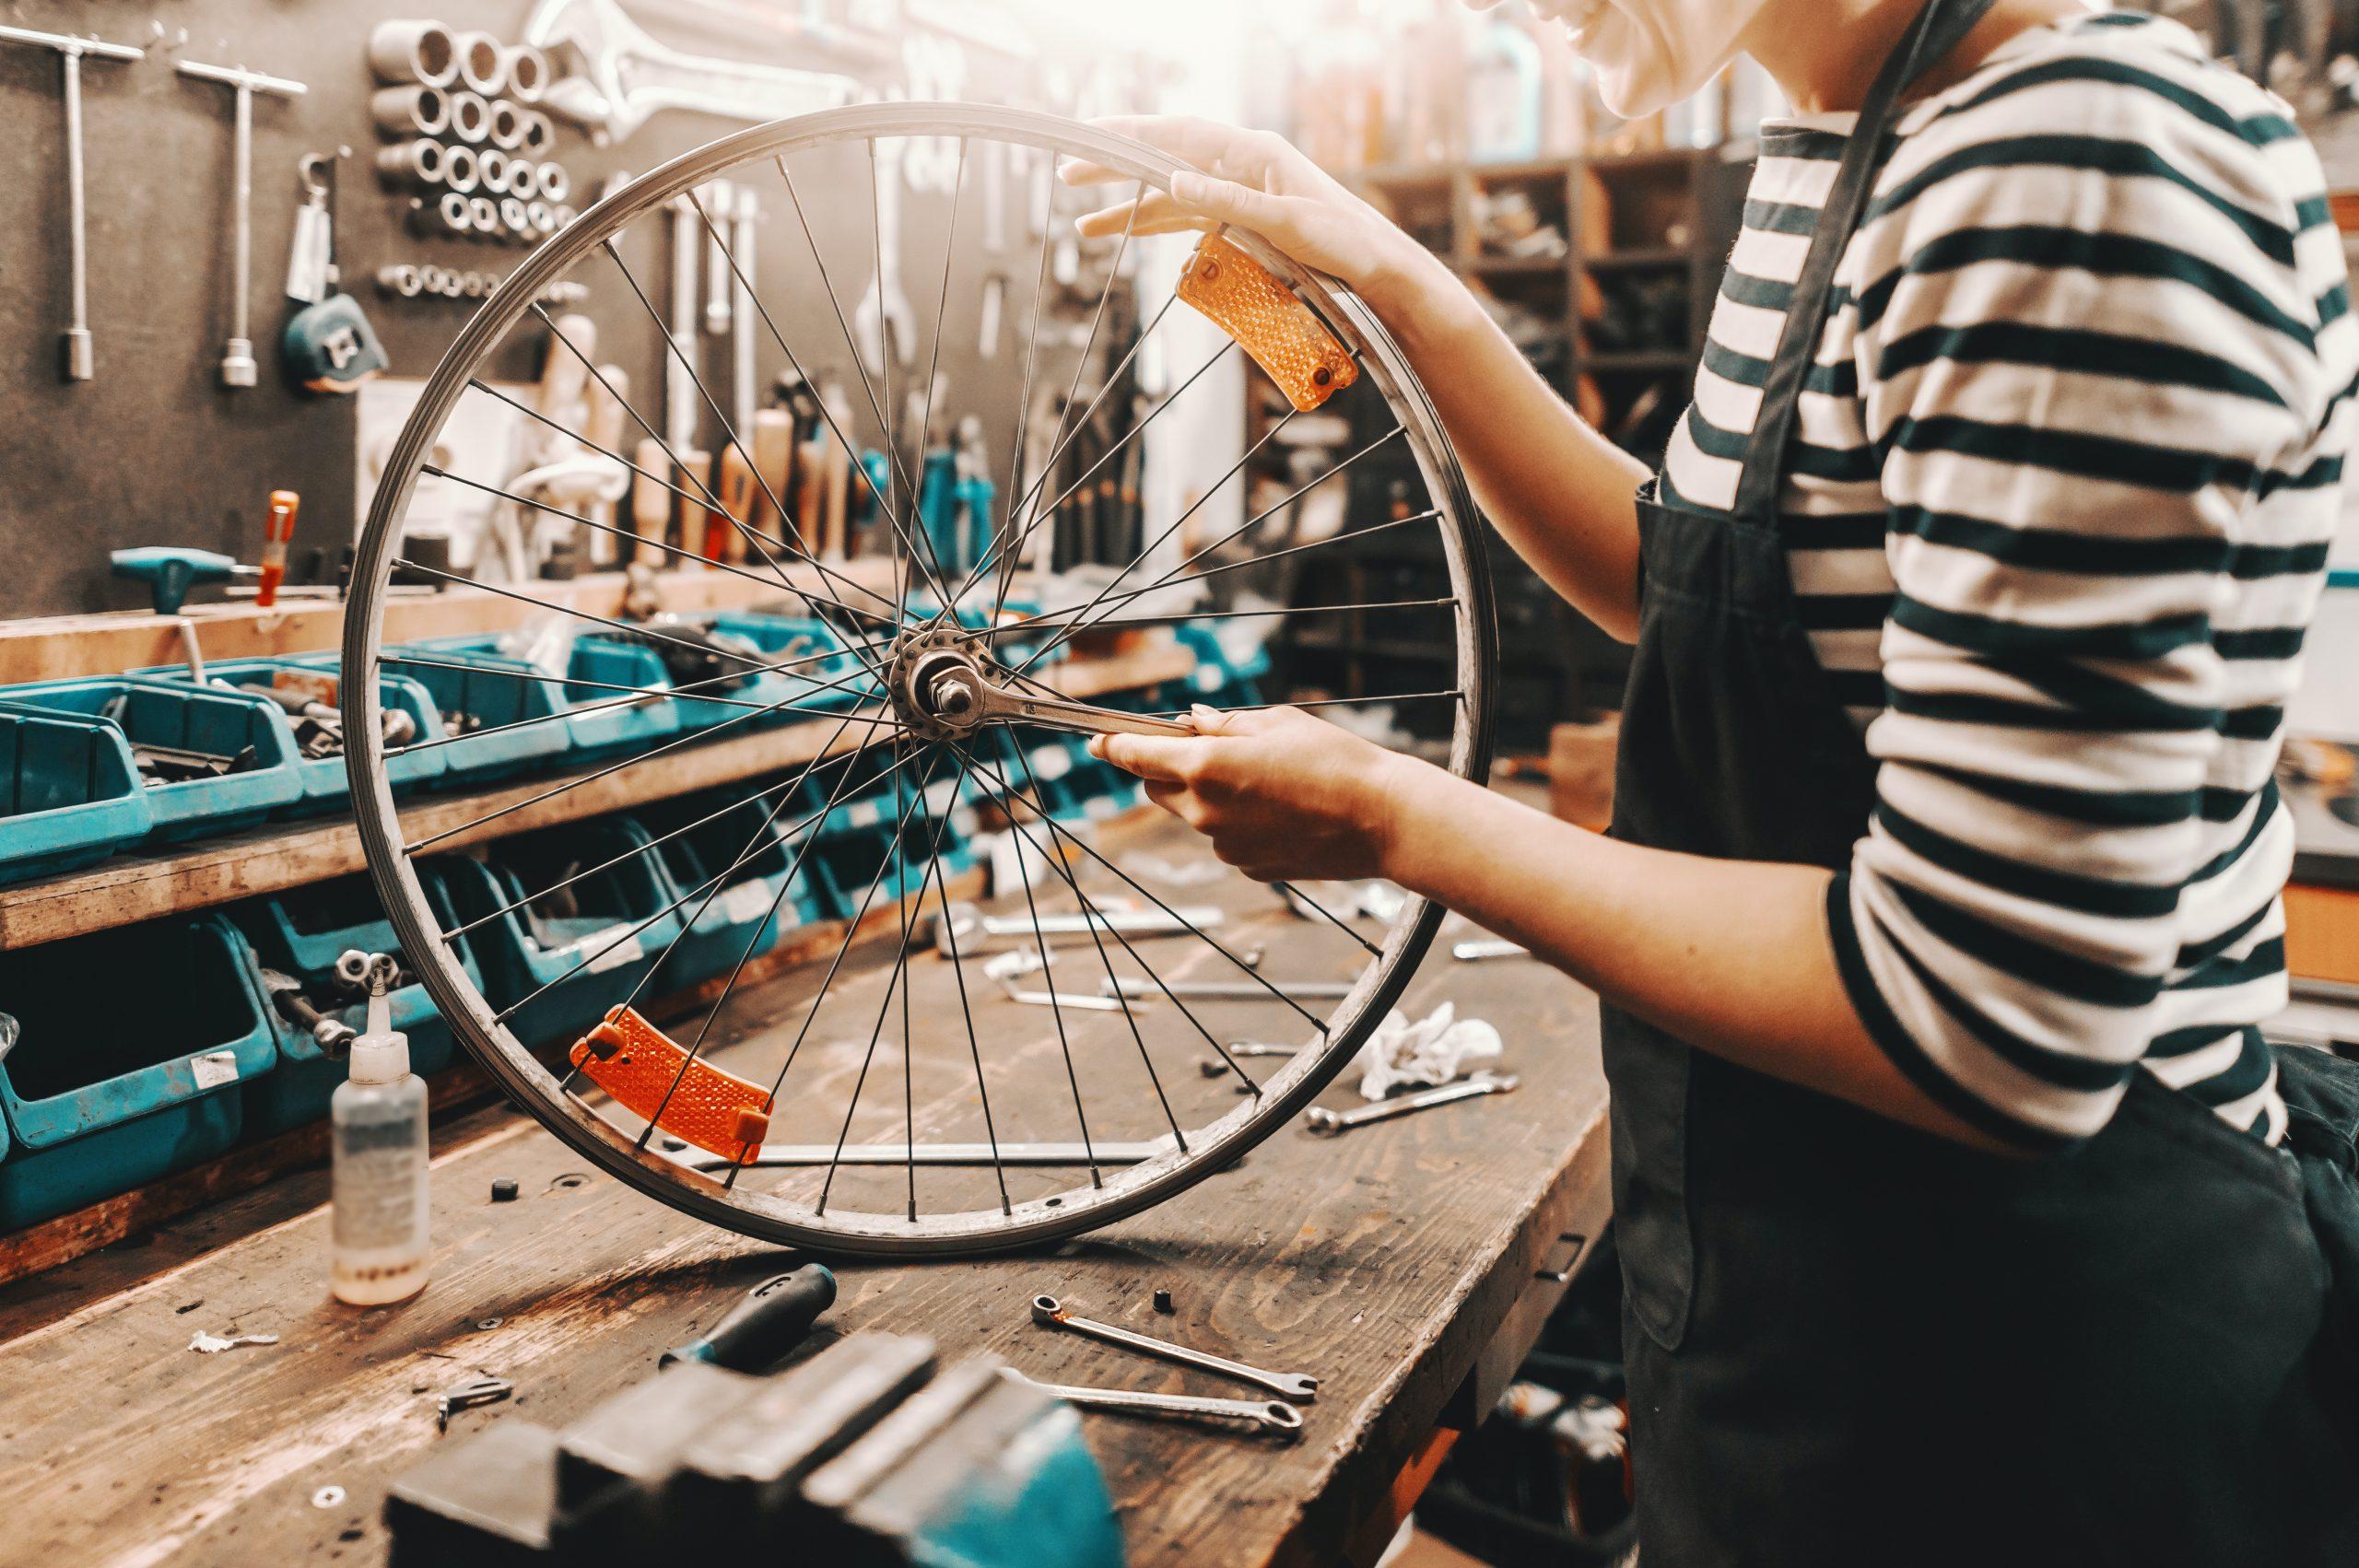 Sovelluskehittäjä pyöräkorjaamo